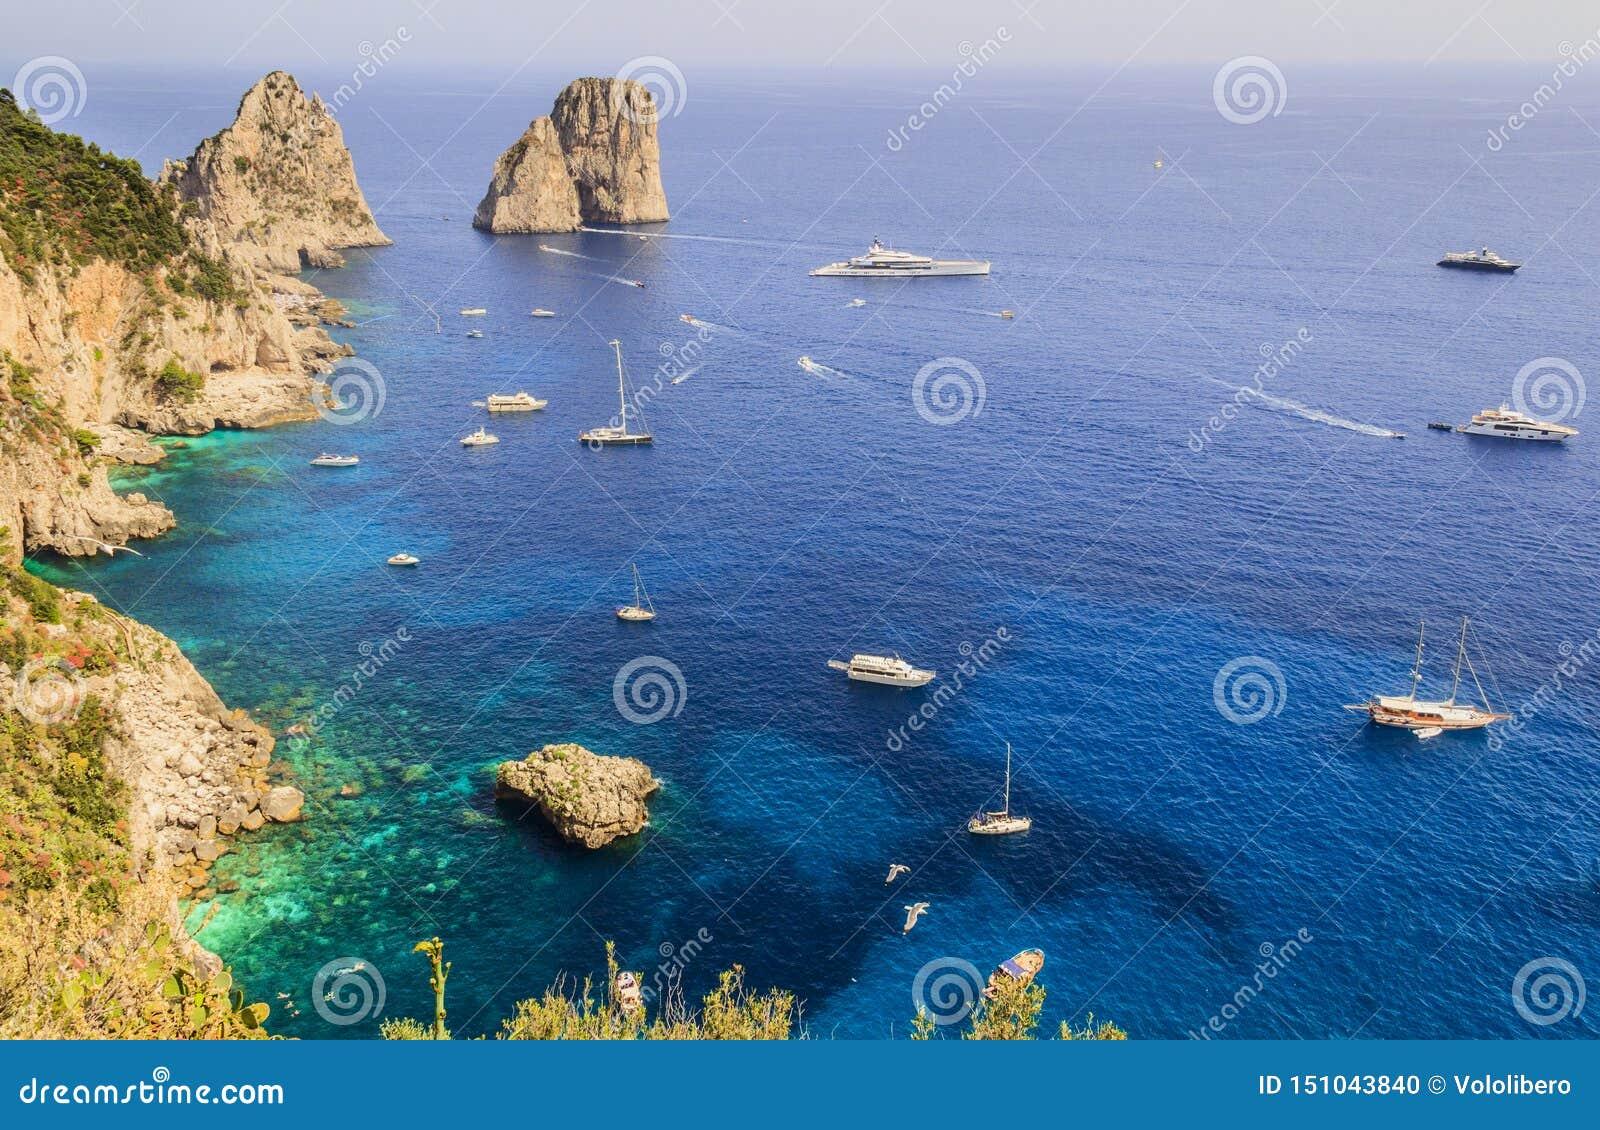 Η πανοραμική άποψη των διάσημων βράχων Faraglioni, οι περισσότεροι επισκέφτηκε την έλξη ταξιδιού του νησιού Capri, Ιταλία